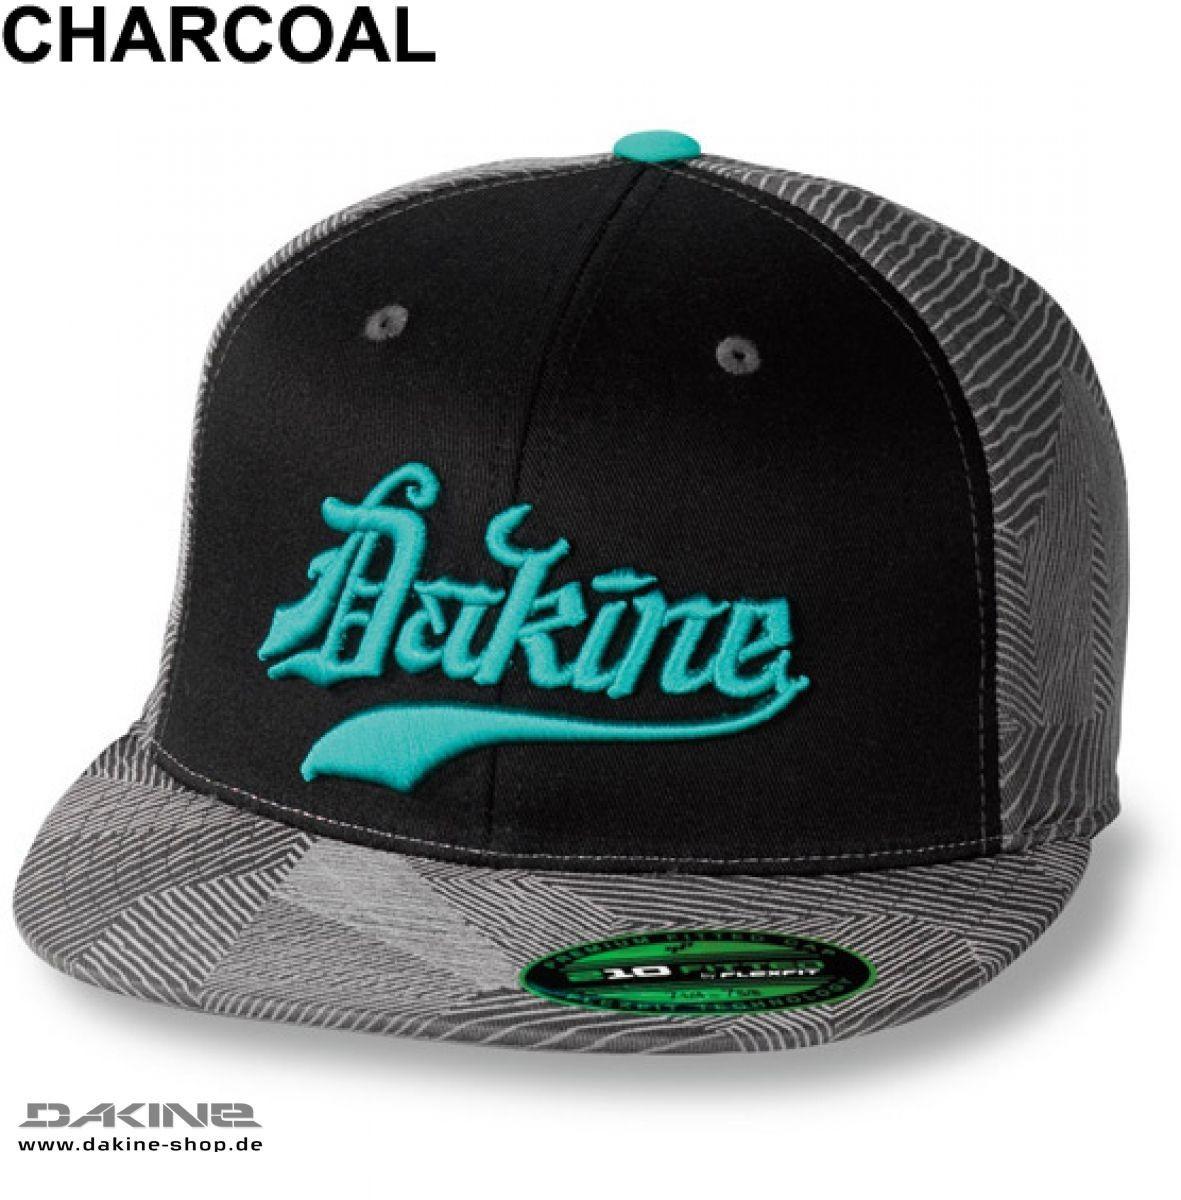 7d2171d1e Dakine Patches Cap Charcoal | Dakine Shop